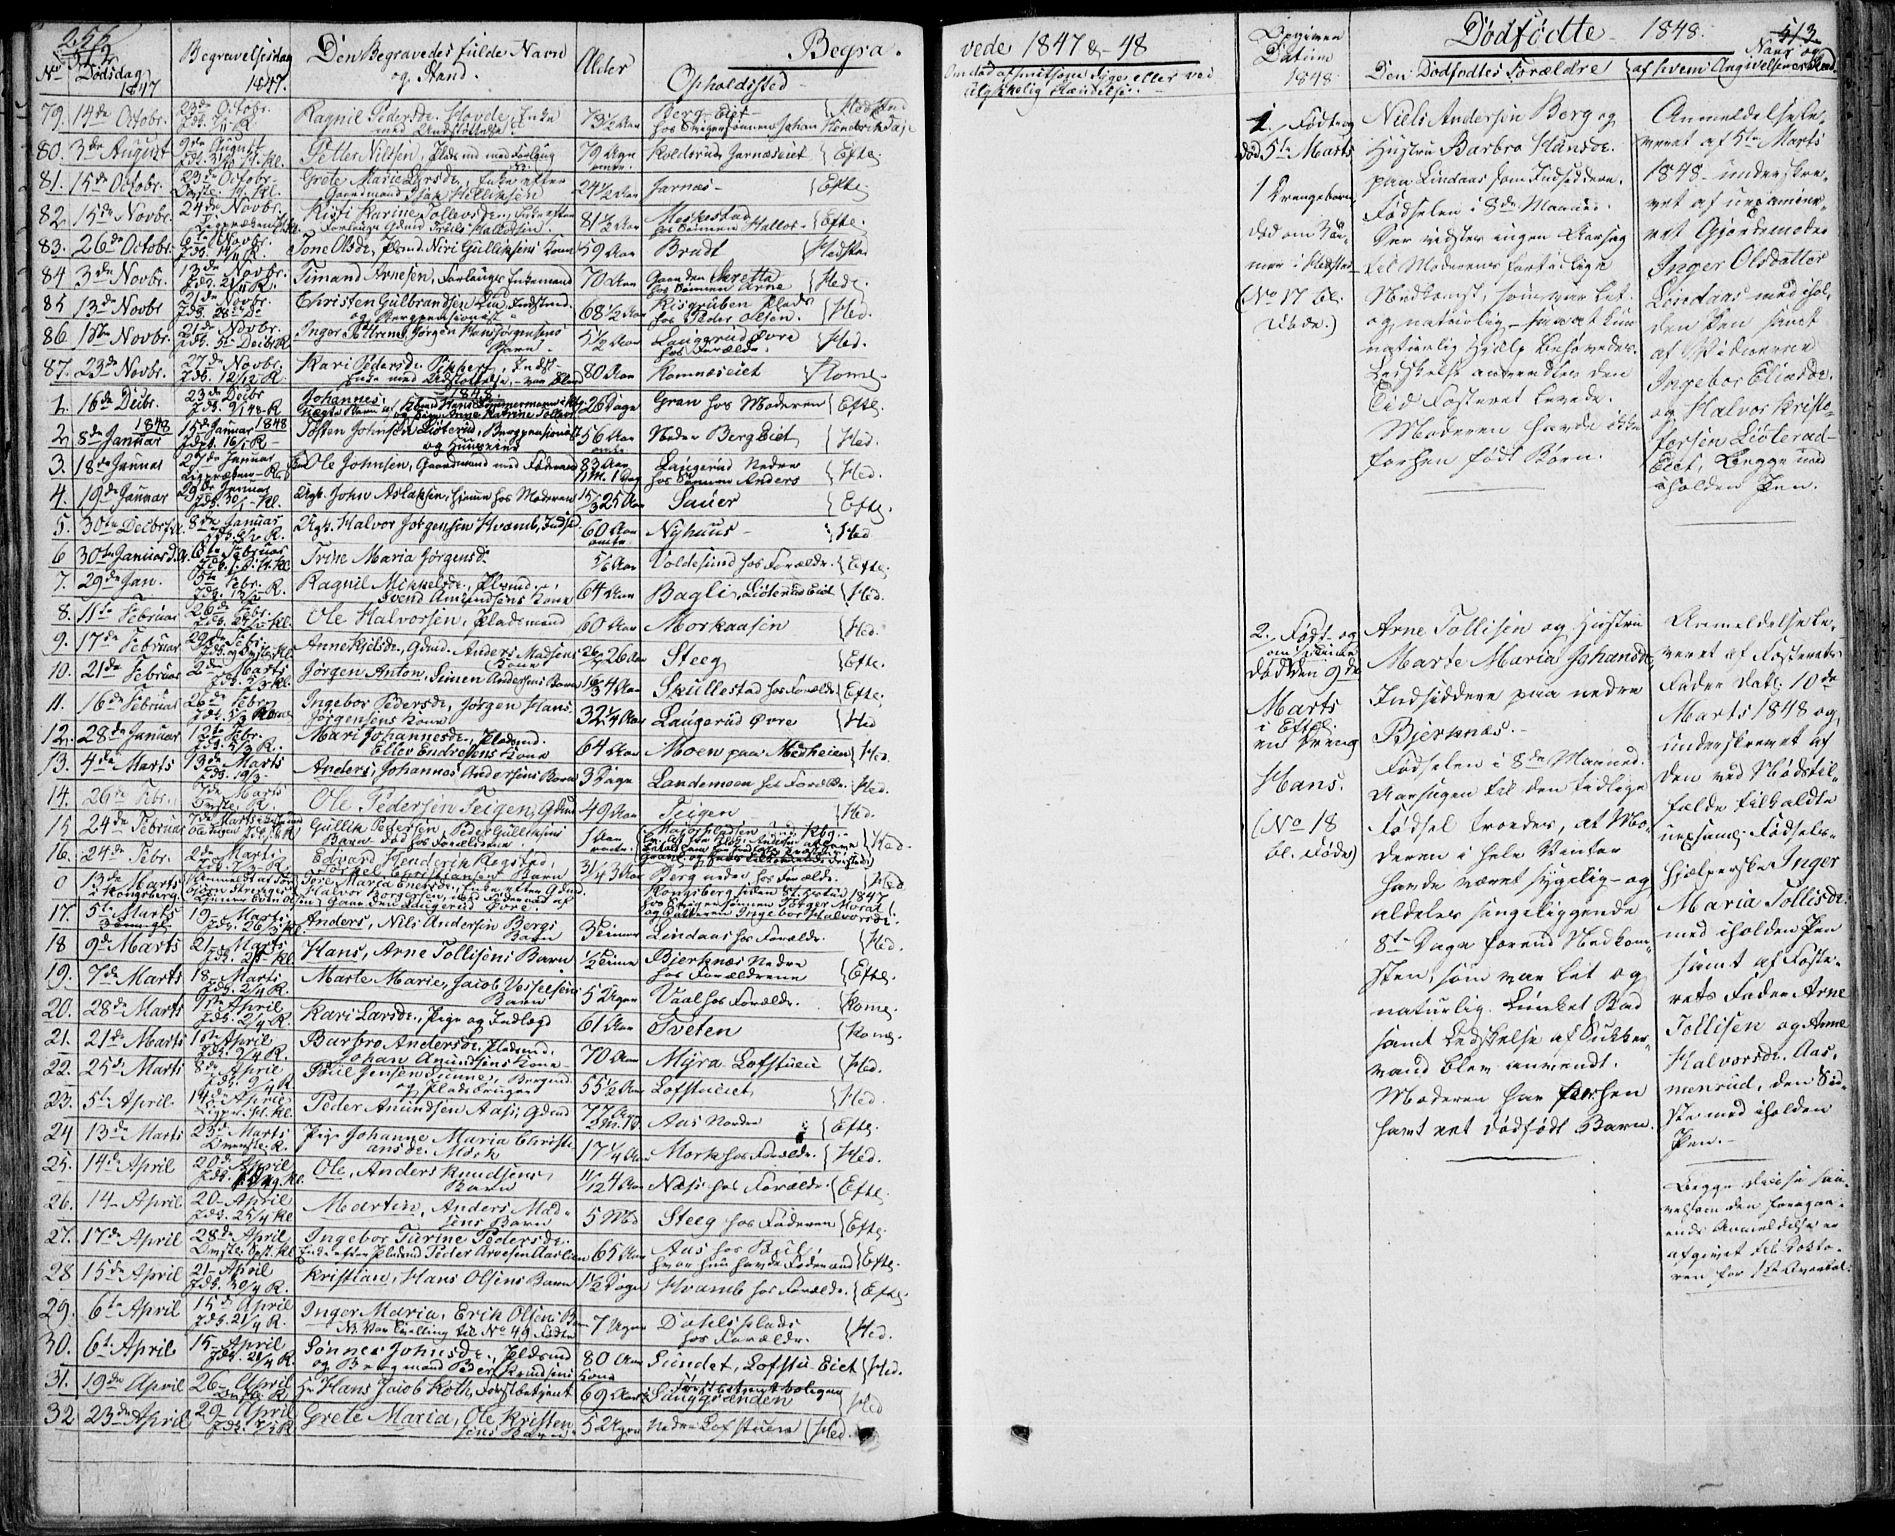 SAKO, Sandsvær kirkebøker, F/Fa/L0005: Ministerialbok nr. I 5, 1840-1856, s. 512-513